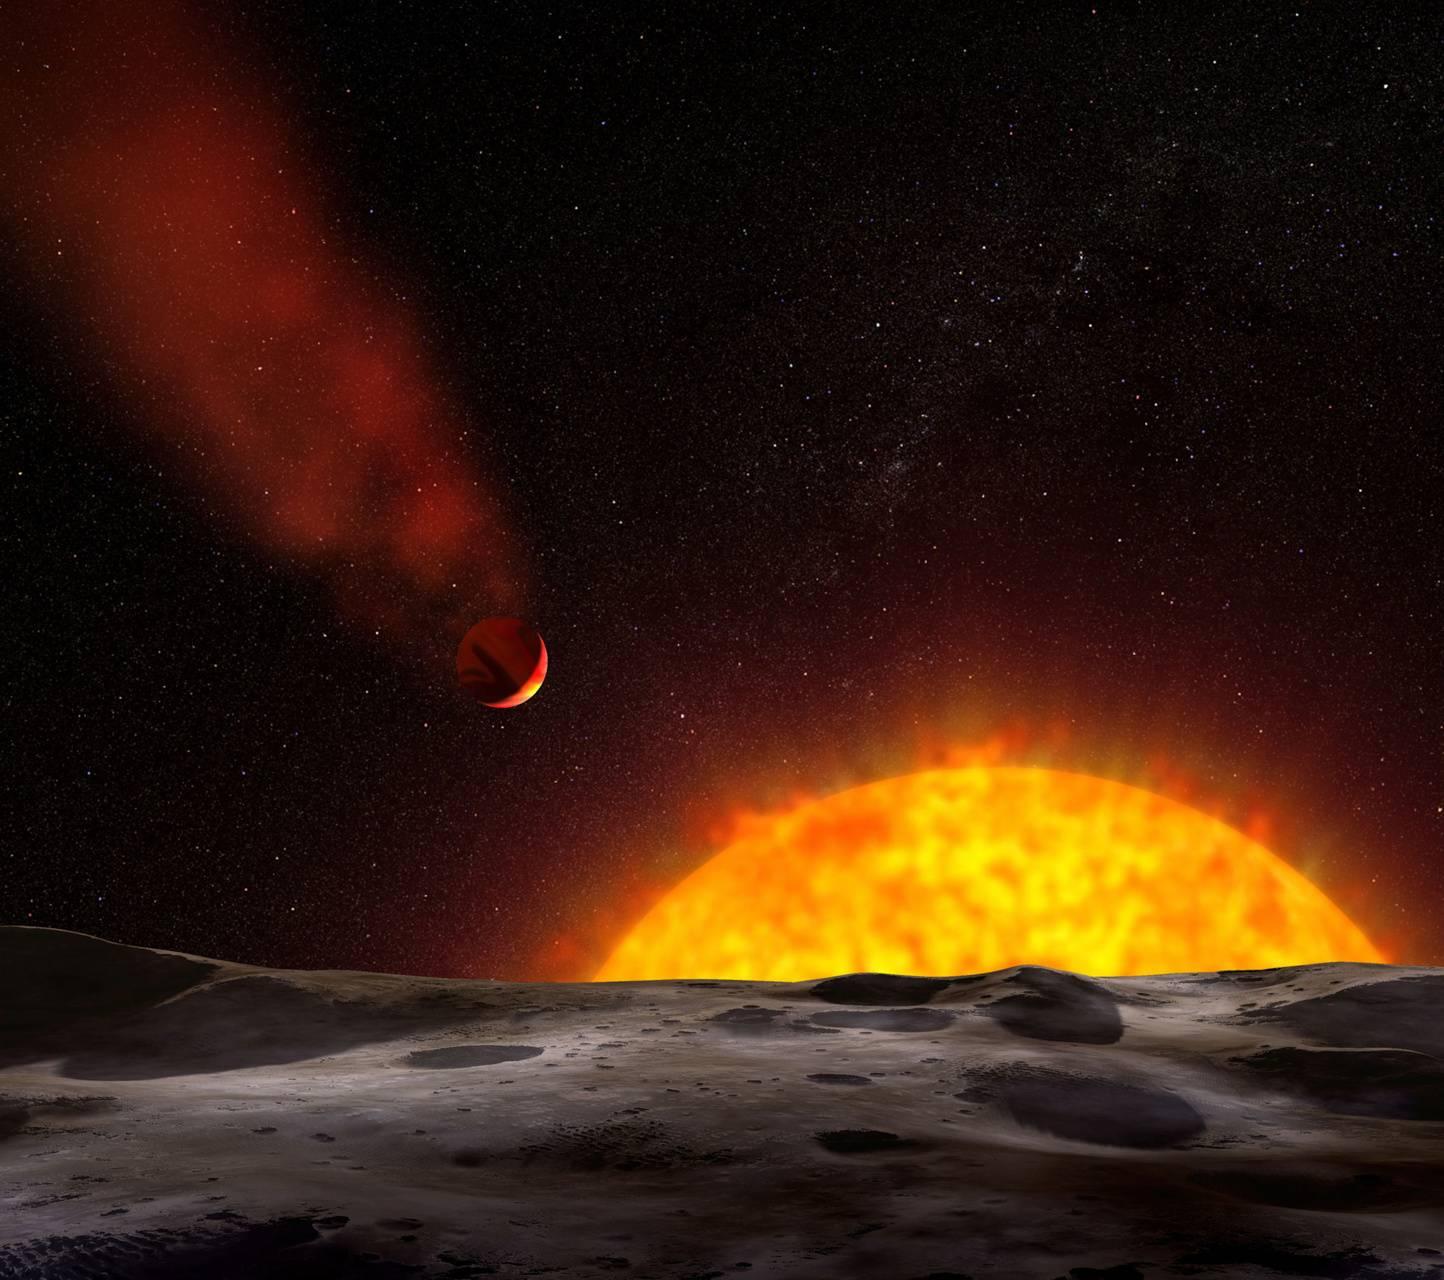 Super Hot Planet